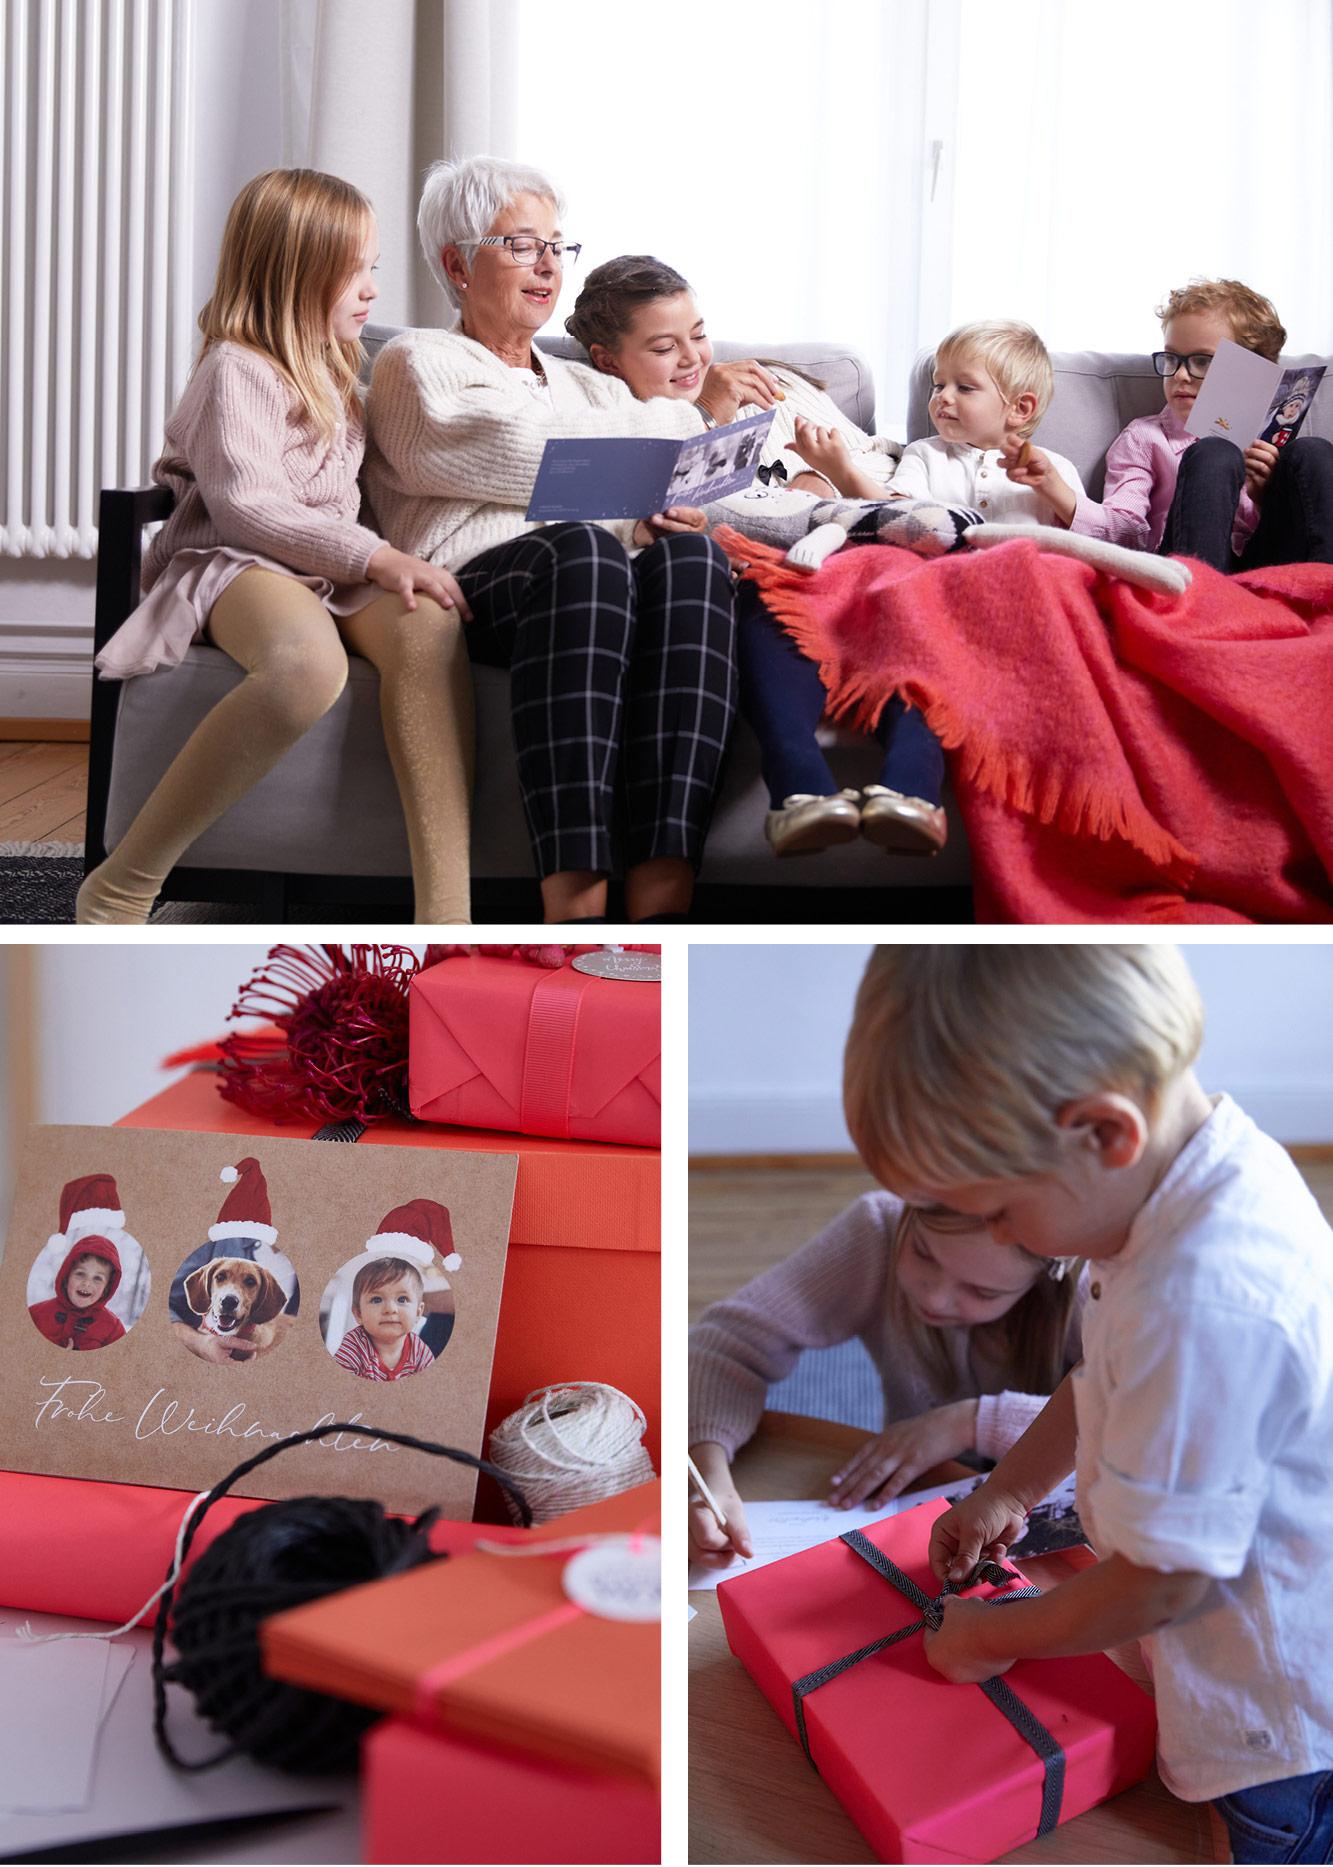 Weihnachtskarten zu Weihnachten, Omi liest vor